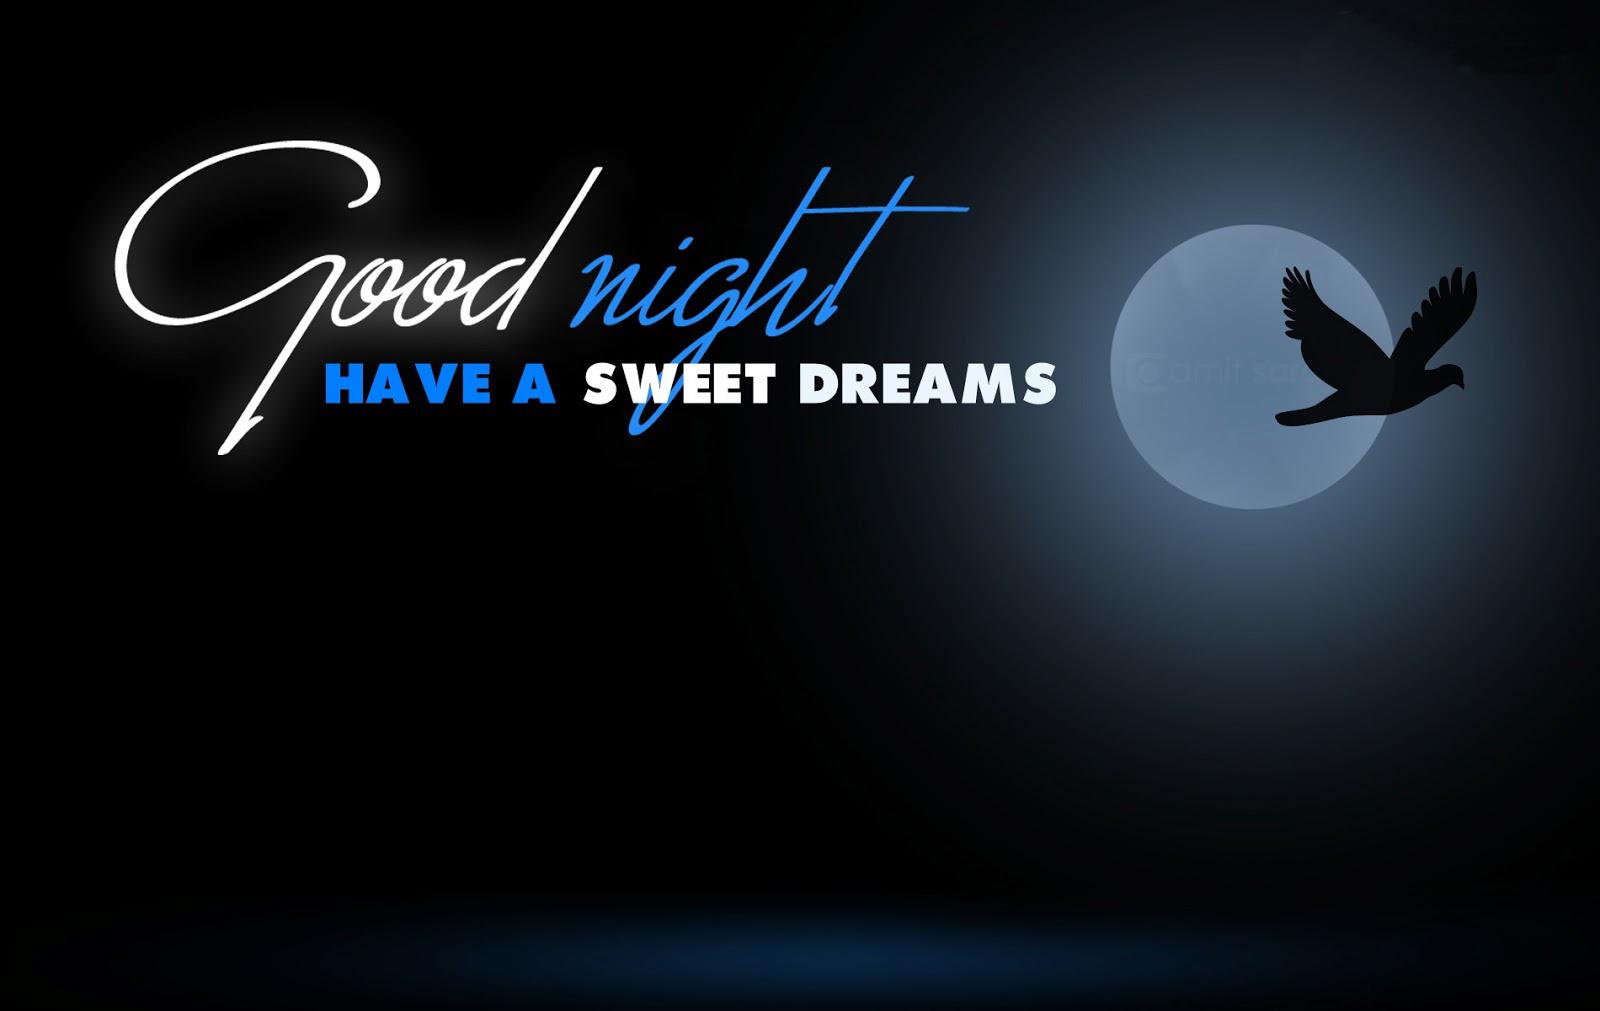 صور مساء الخير Good Night صور مكتوب عليها مساء الخير (32)